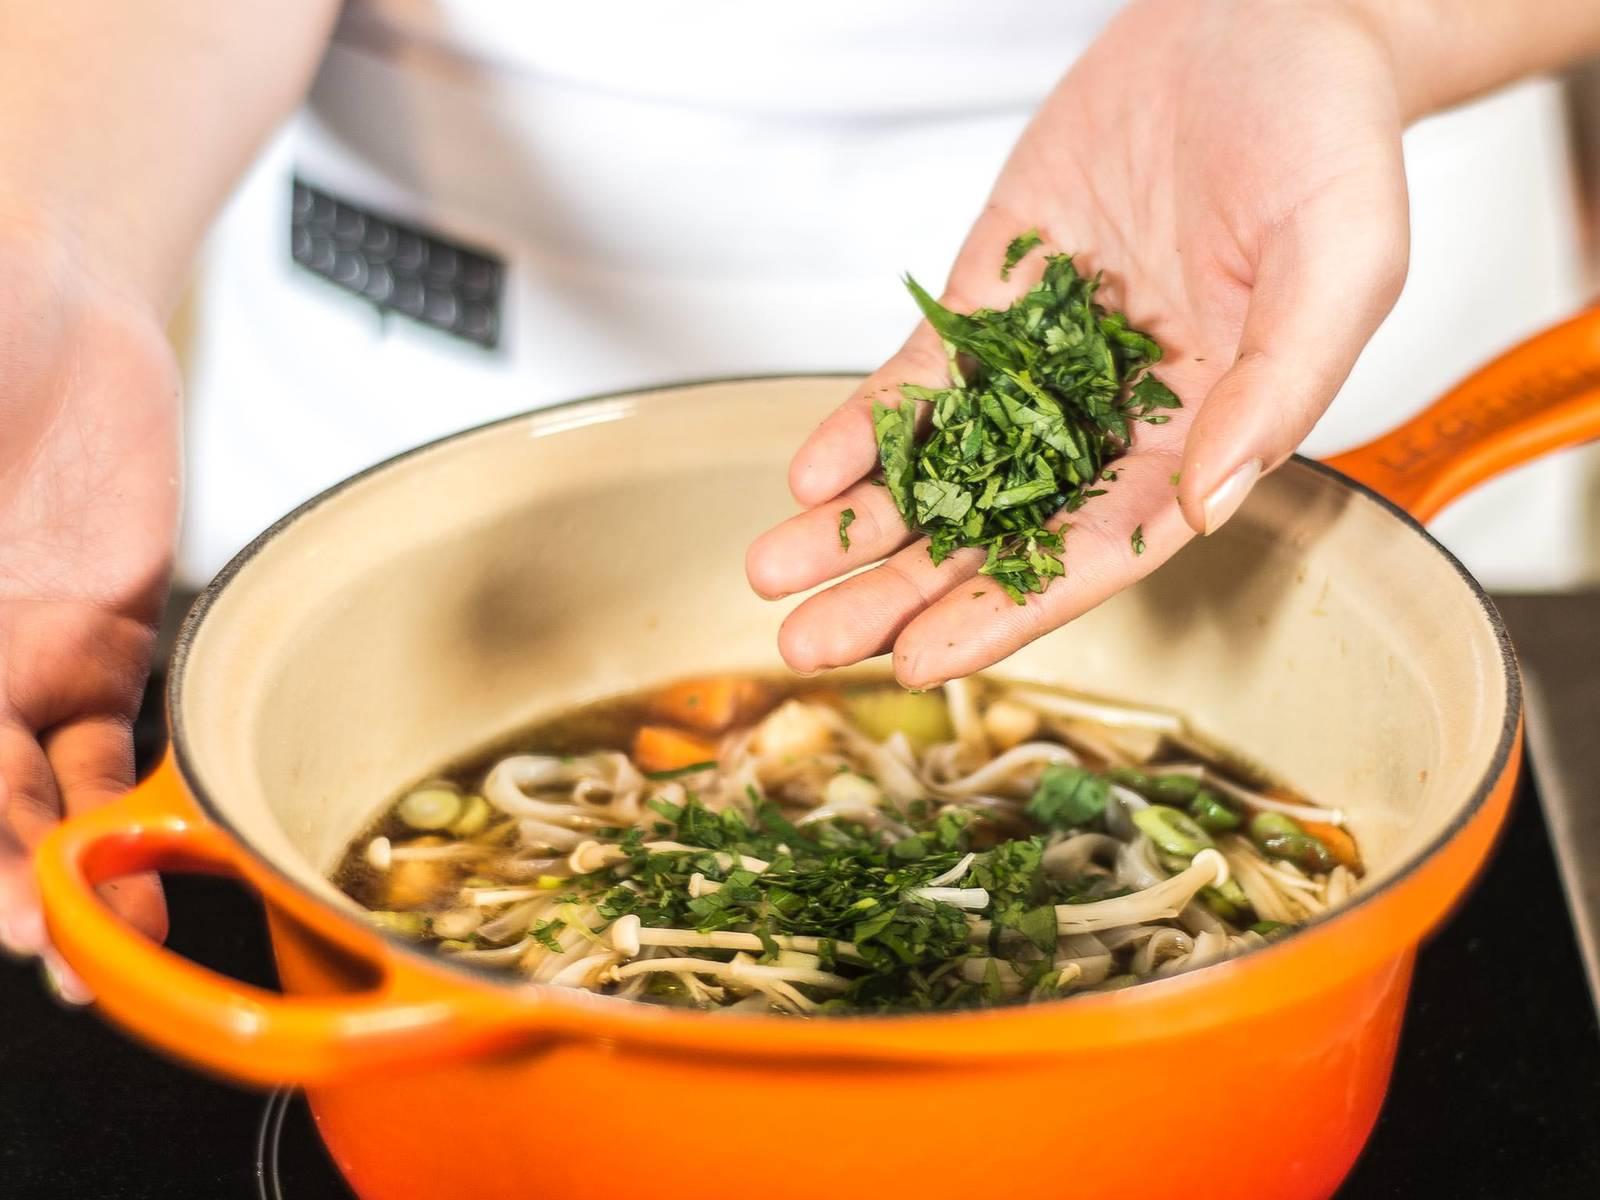 Nun die Reisnudeln abgießen und mit Frühlingszwiebeln, Enoki-Pilzen und Koriander zur Suppe hinzugeben. Direkt im Anschluss servieren, sodass die Pilze ihren Biss behalten und der Koriander seine Farbe.